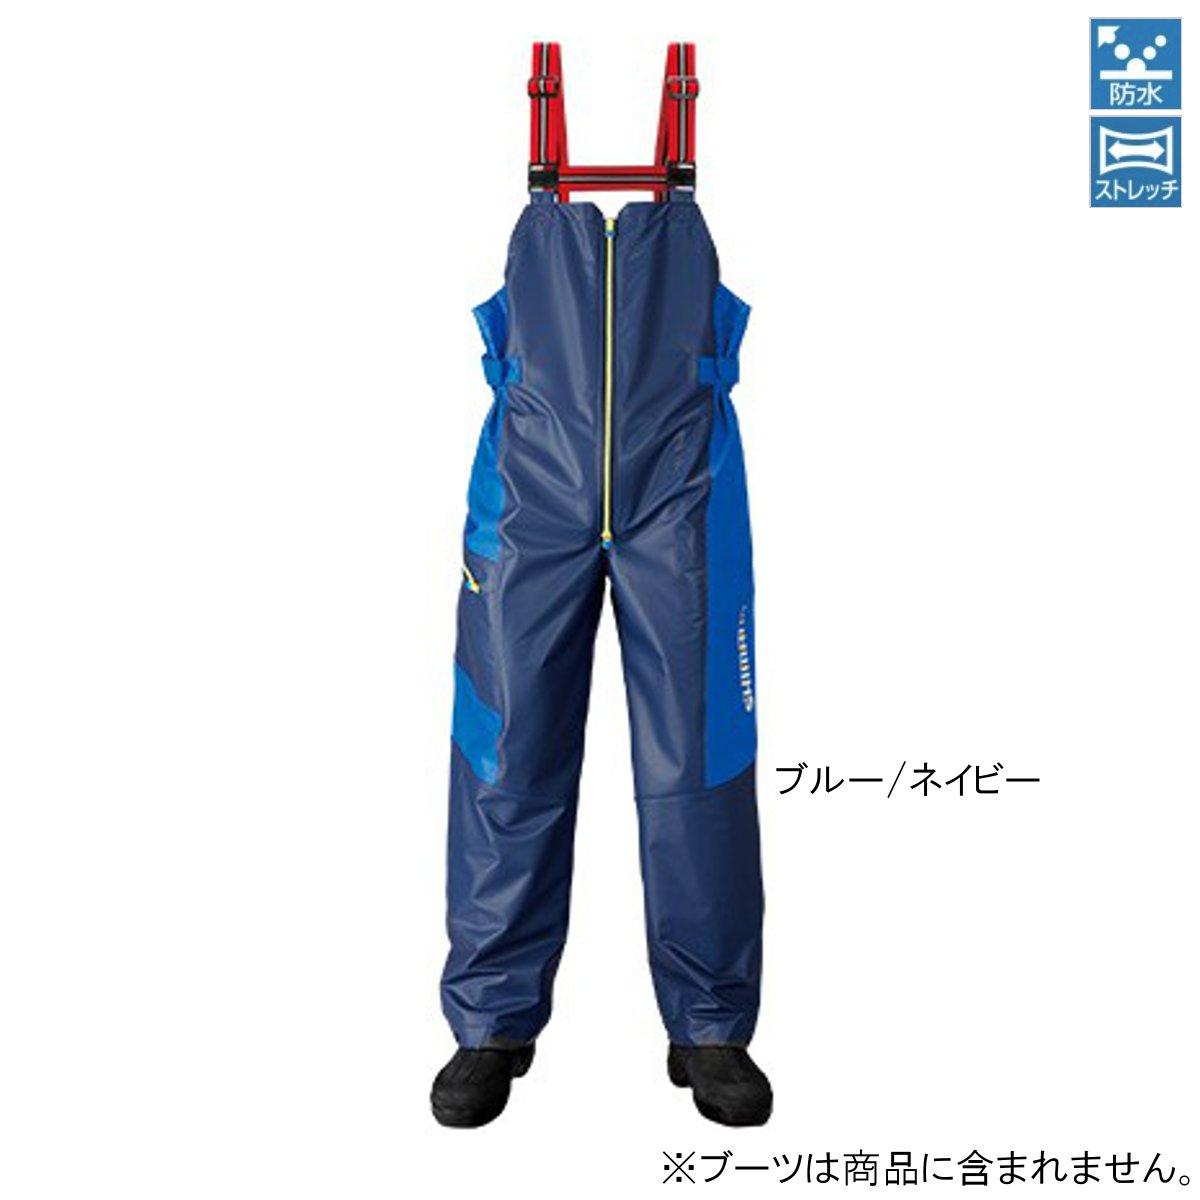 シマノ マリンサロペット RA-03PN XL ブルー/ネイビー【送料無料】